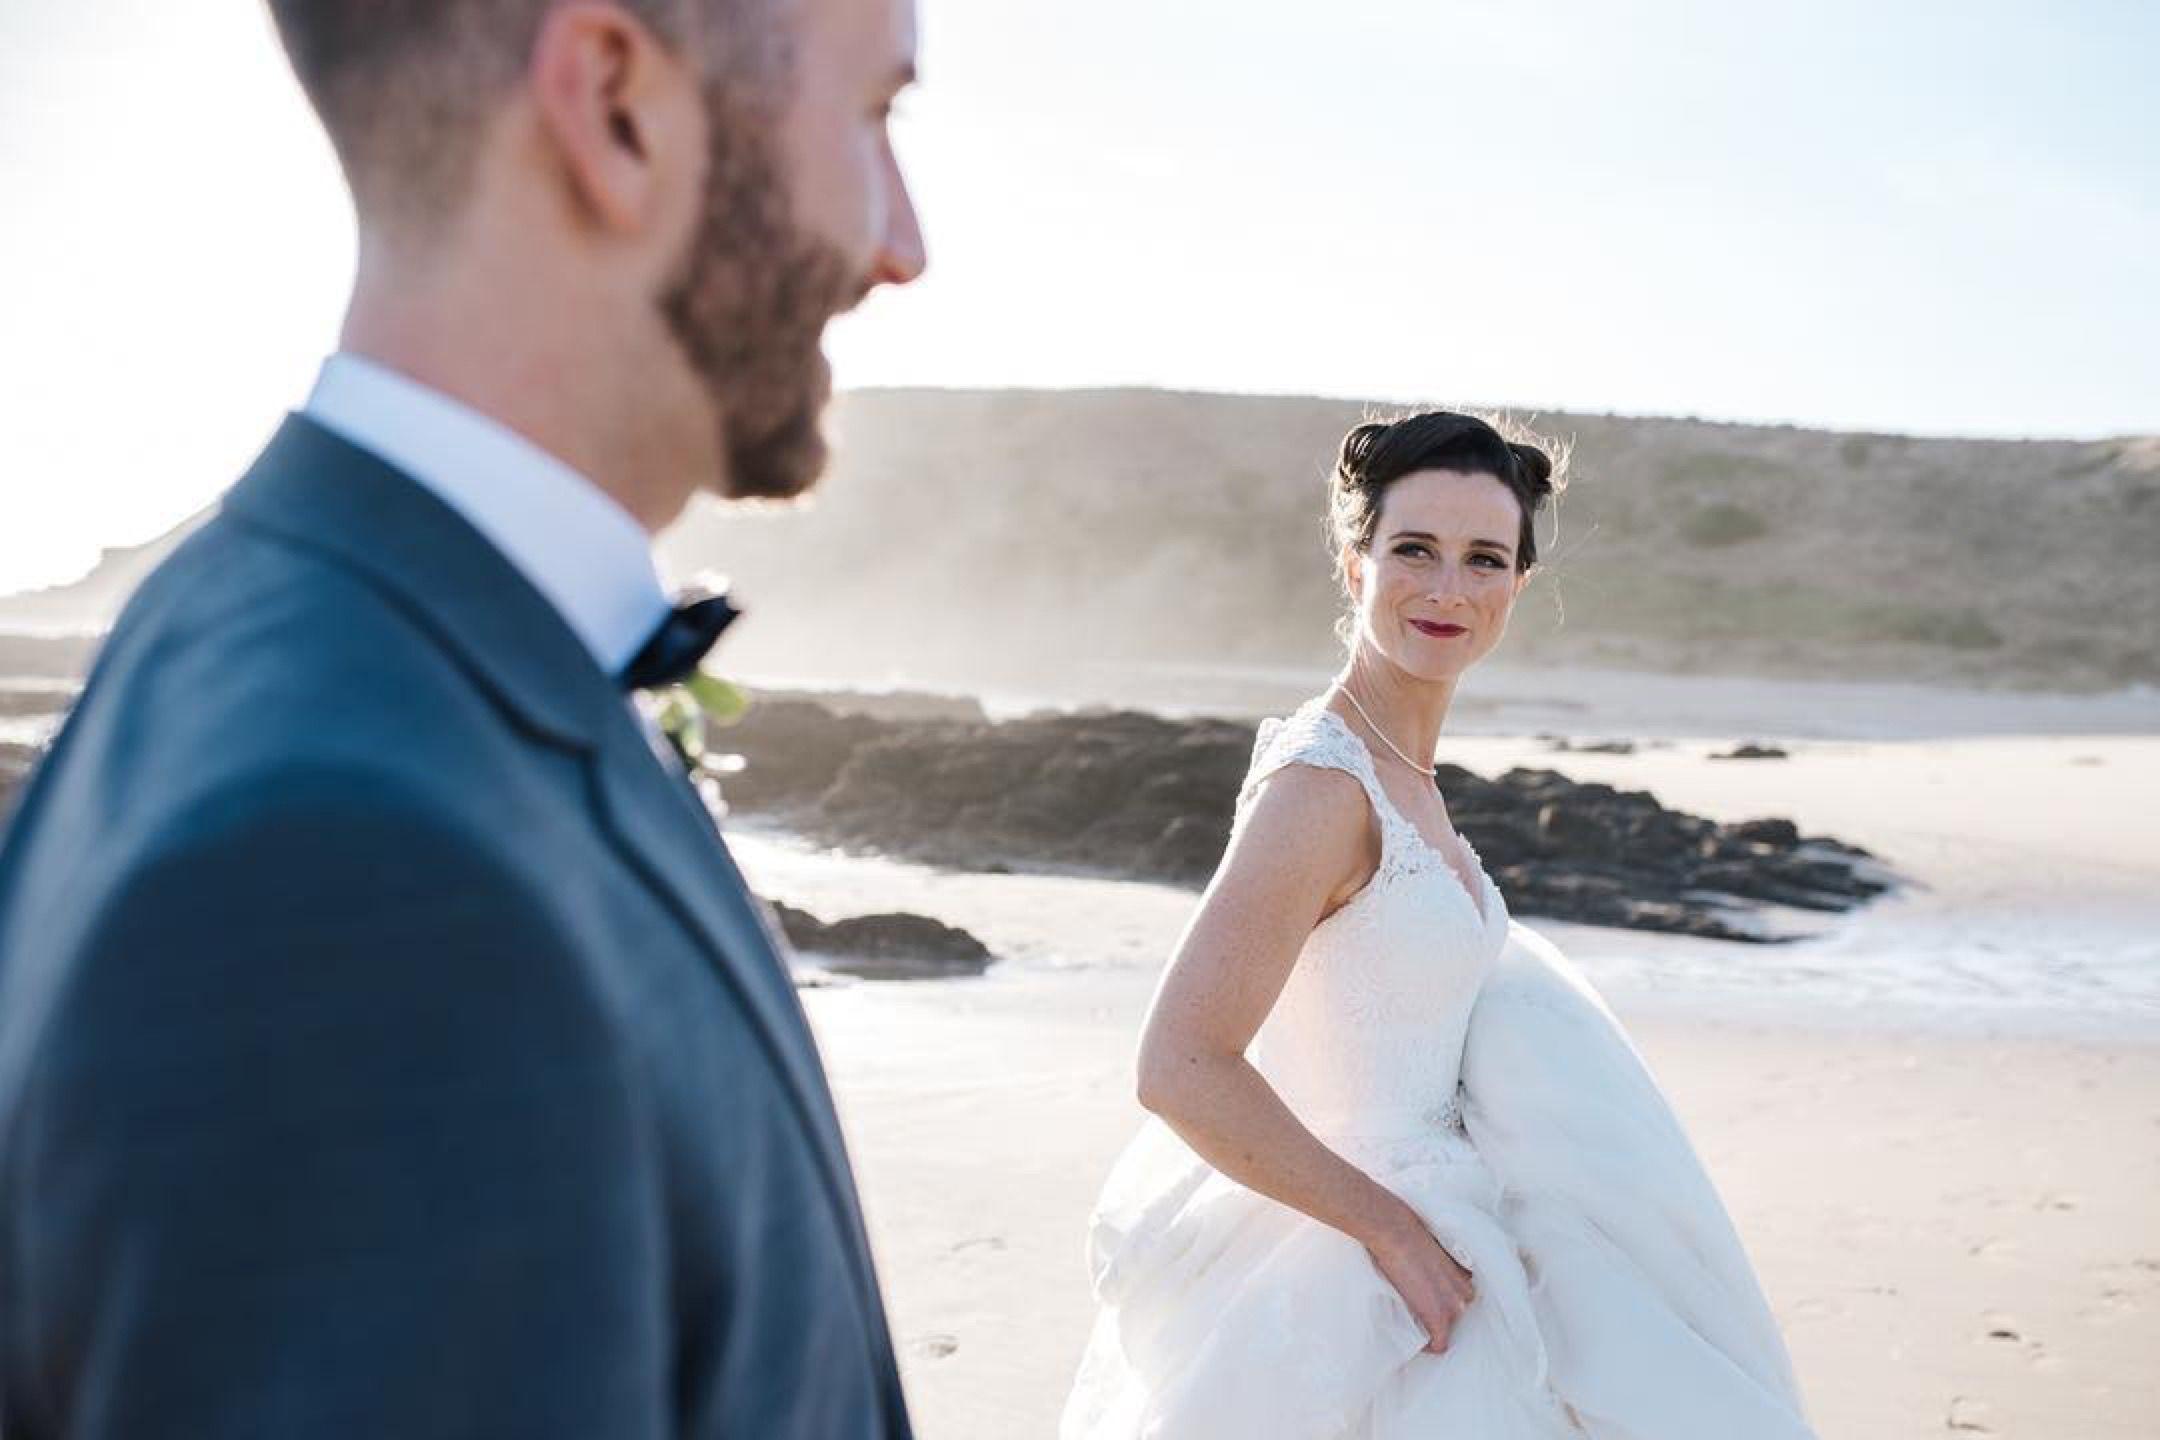 Beautiful Hayley on her #weddingday #weddinghair #weddingmakeup by @vivianashworth_ #weddinginspiration #weddings #weddingphotography @becmathesonphotography #love #happiness #rommance #glam #australiannativeflowers